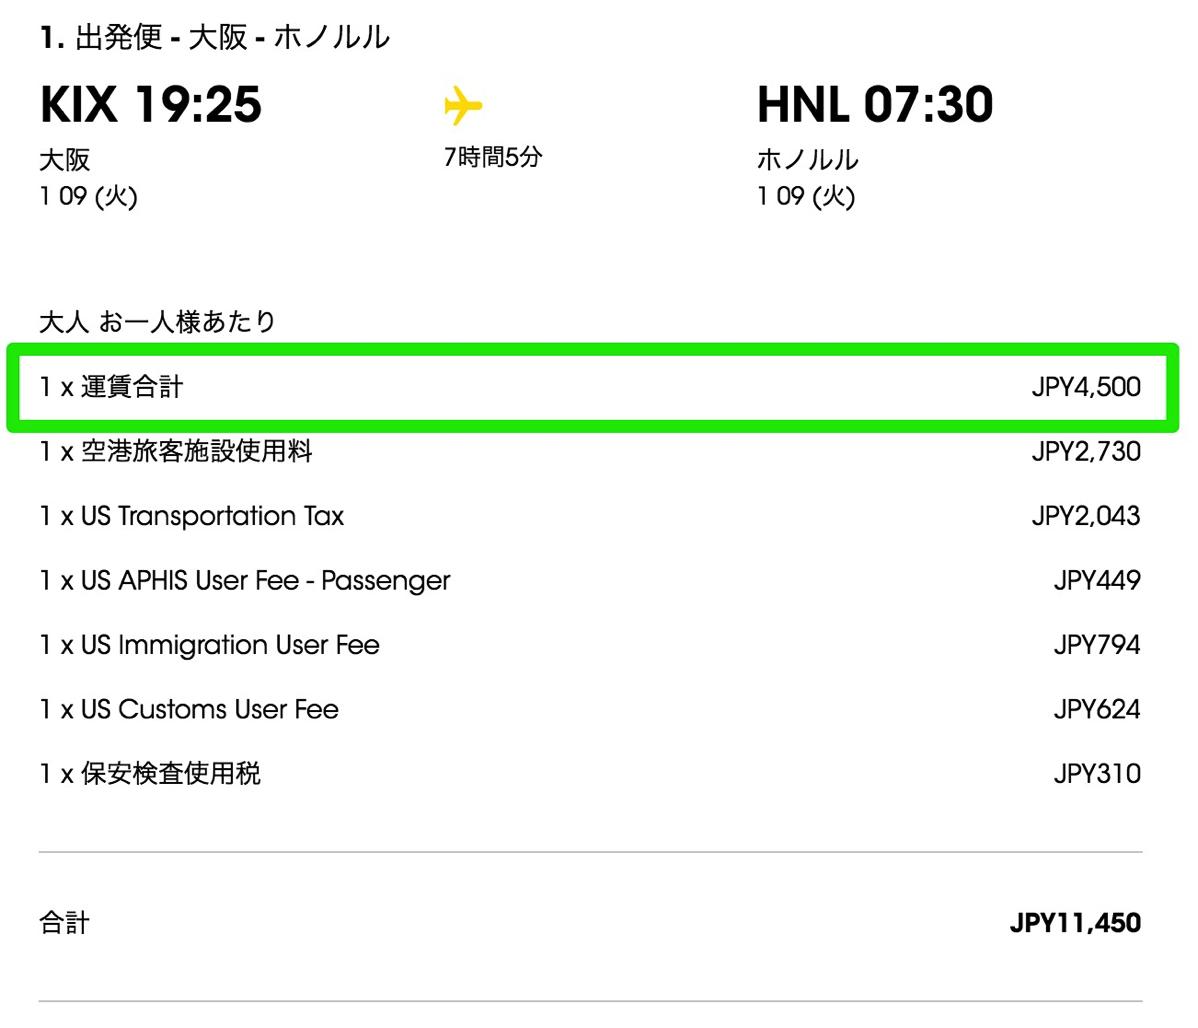 関空〜ホノルルが片道4,500円